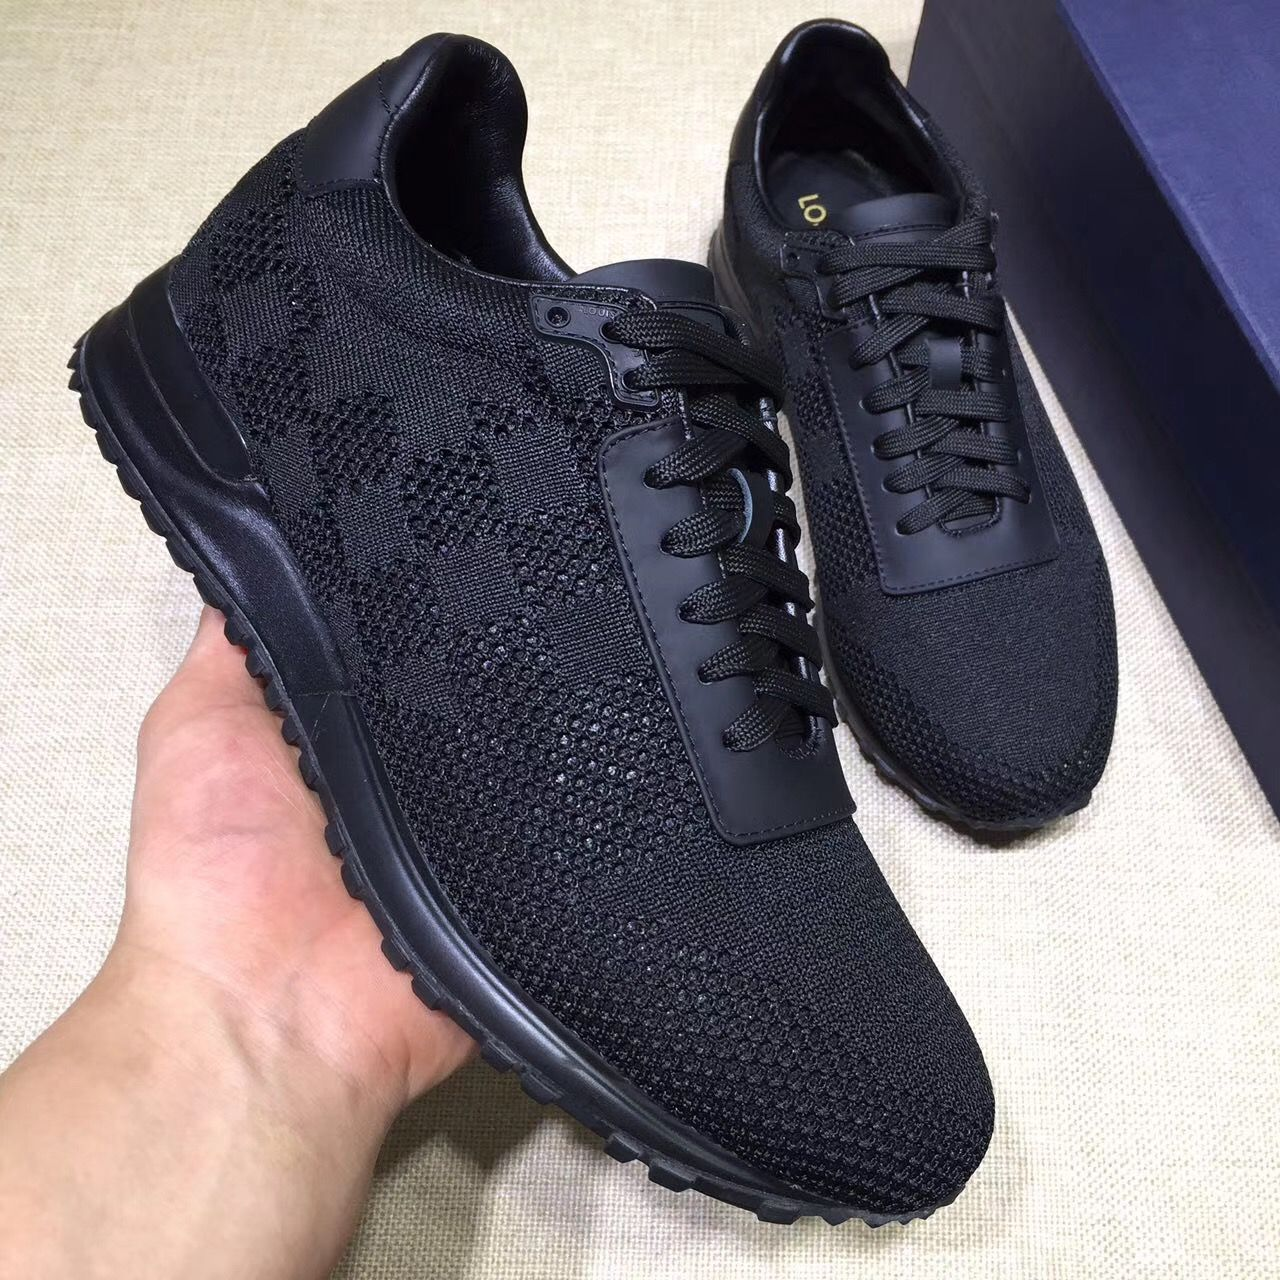 Louis Vuitton Lv Man Shoes Sport Tennis Sneakers Lv Men Shoes